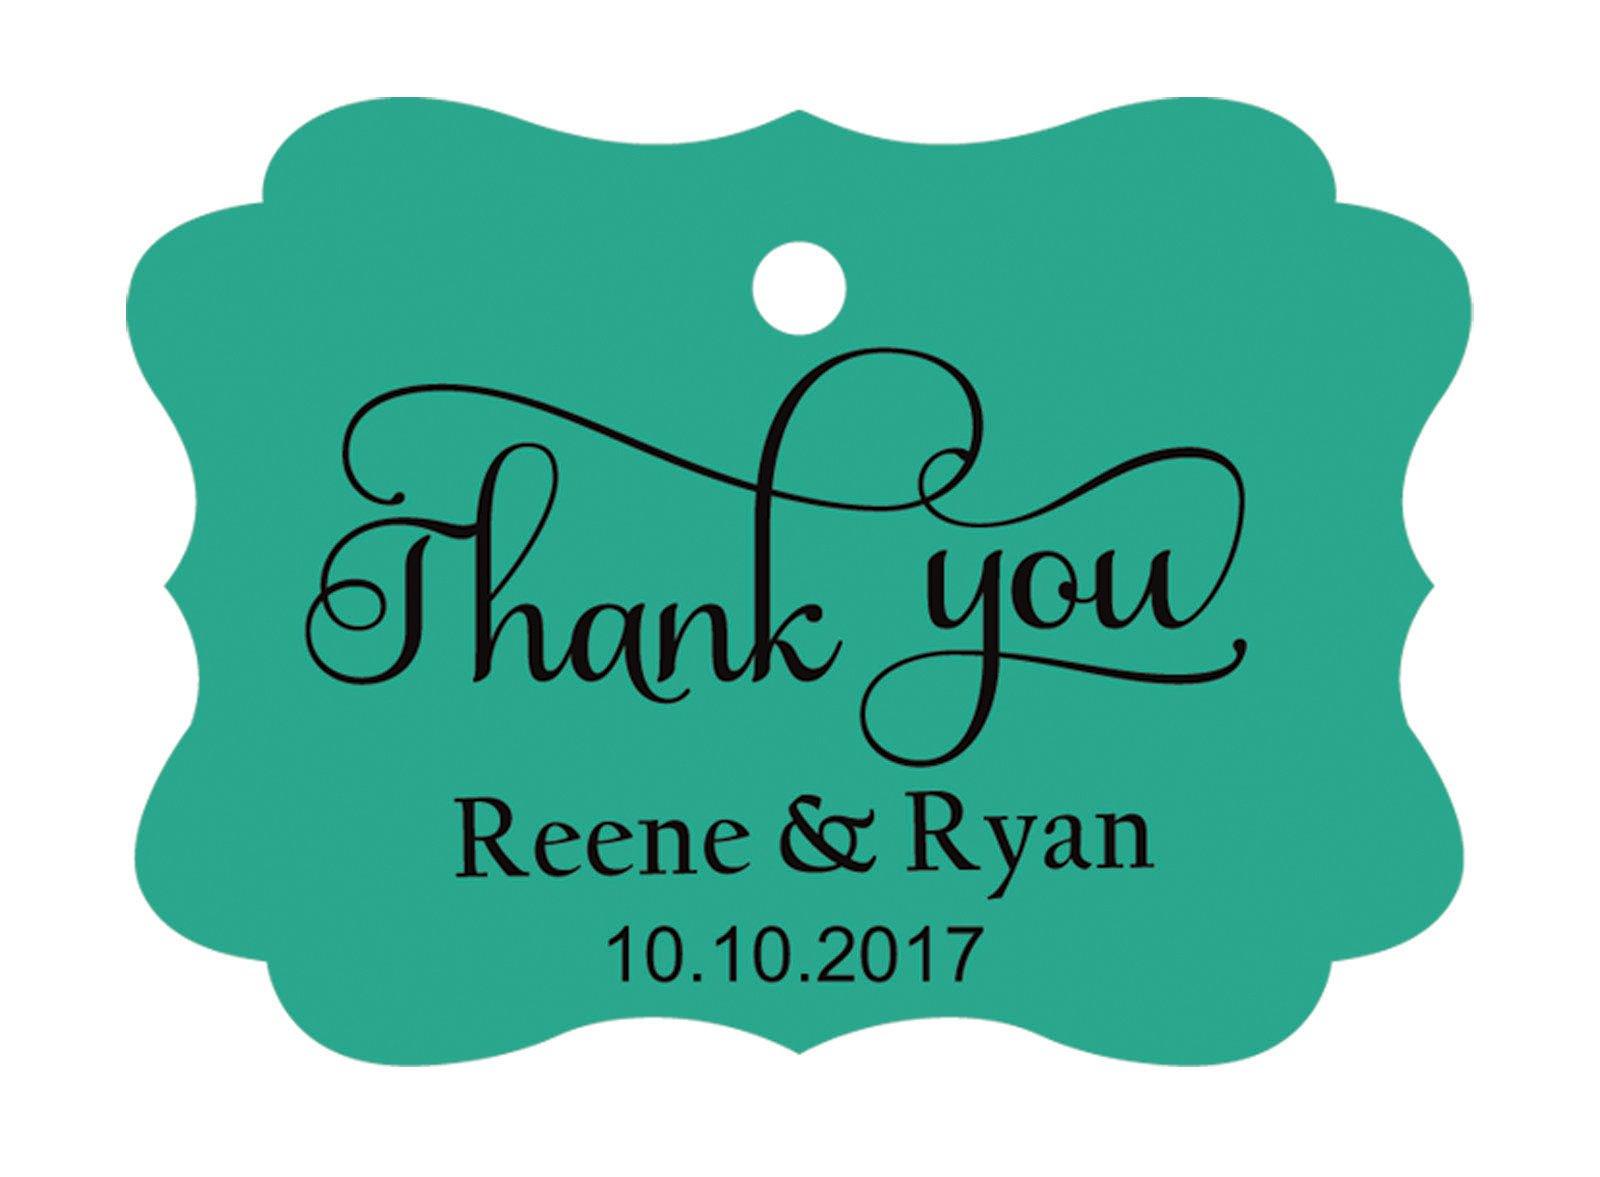 100pcs Thank You custom made cartellini personalizzato matrimonio carta regalo Tag Green